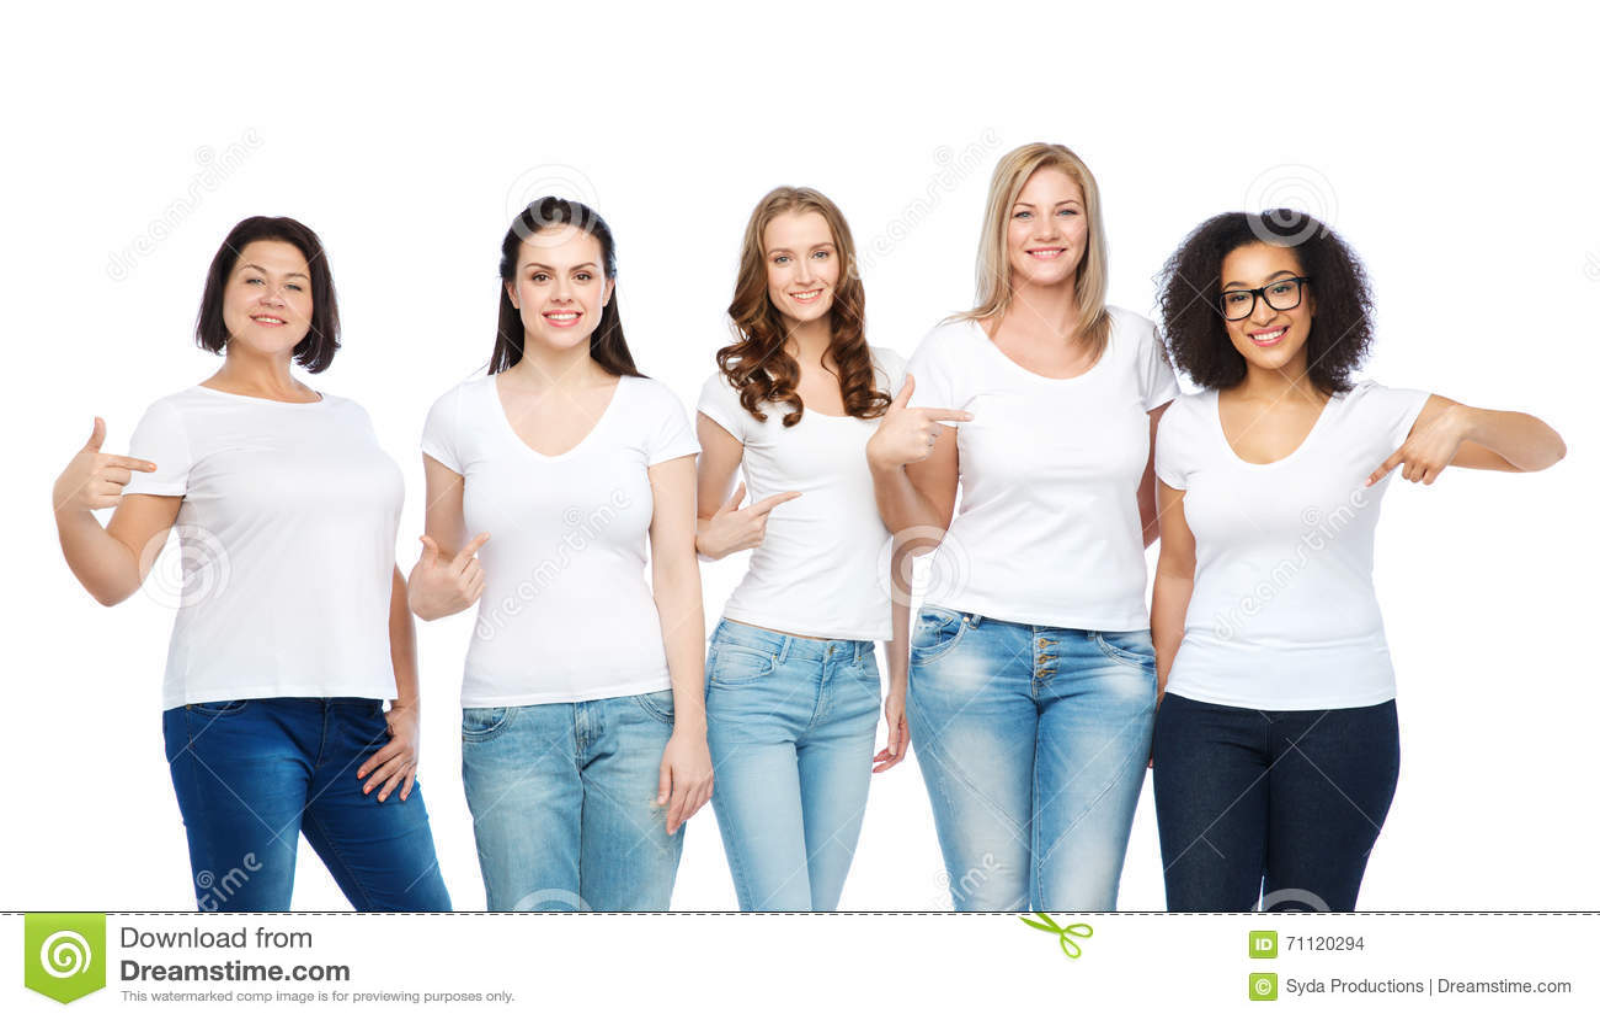 24dc61fb31f Amistad, positivo diverso, del cuerpo y concepto de la gente - grupo de  diversas tallas de mujeres felices en las camisetas blancas que señalan el  finger a ...